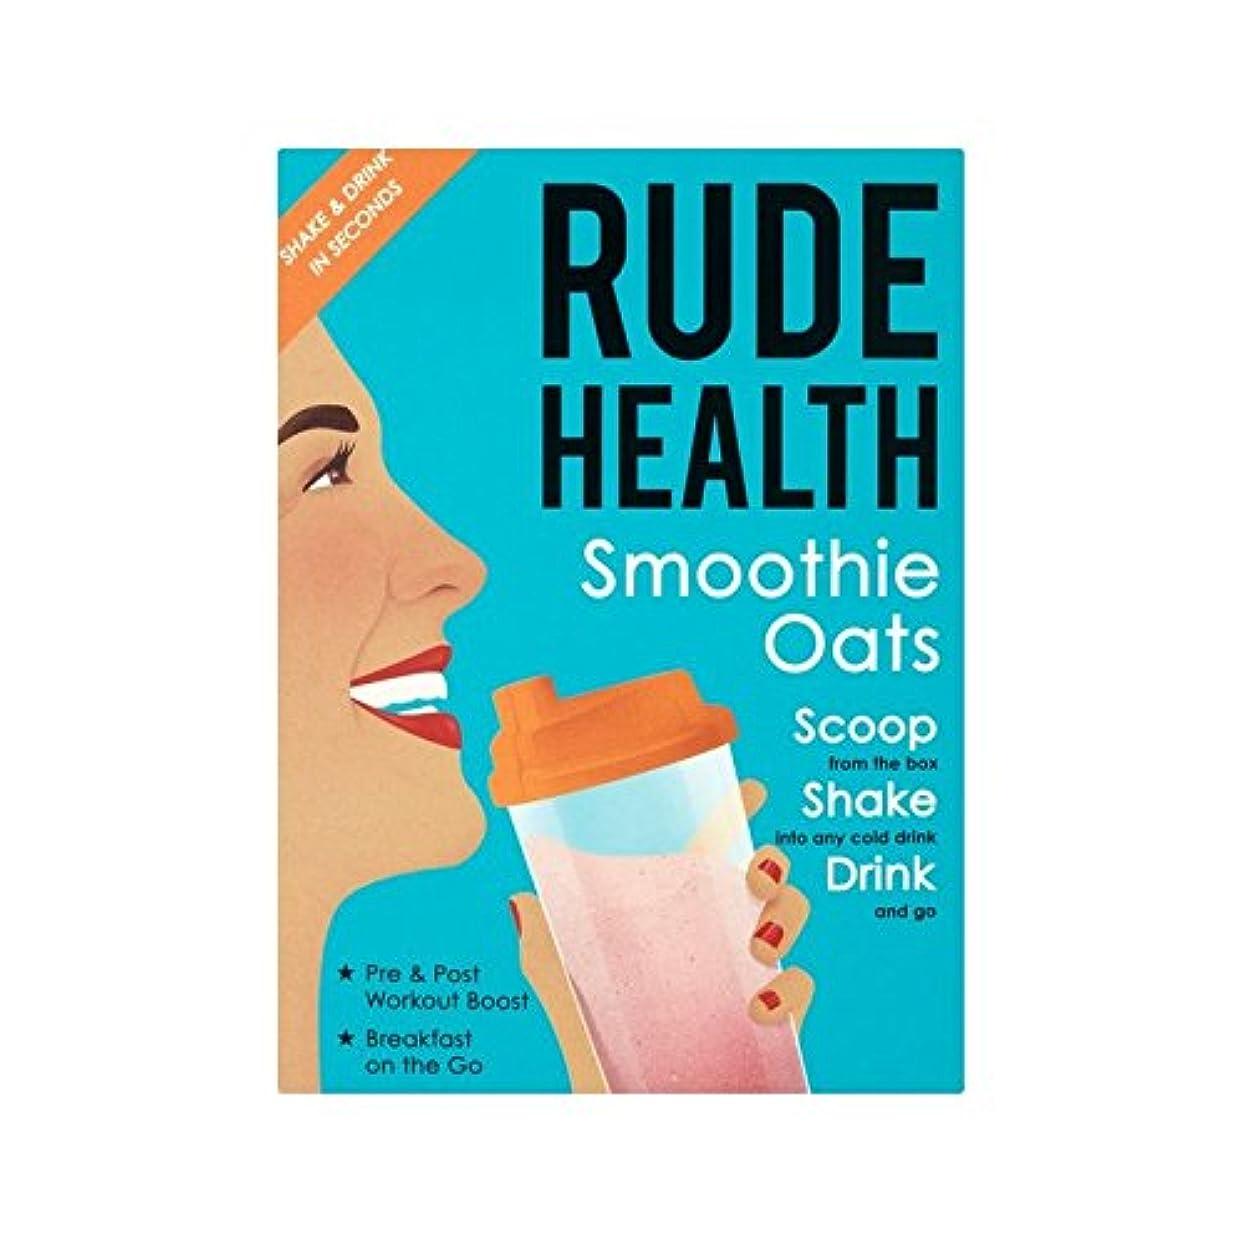 試してみるネクタイ一部スムージーオート麦250グラム (Rude Health) (x 4) - Rude Health Smoothie Oats 250g (Pack of 4) [並行輸入品]